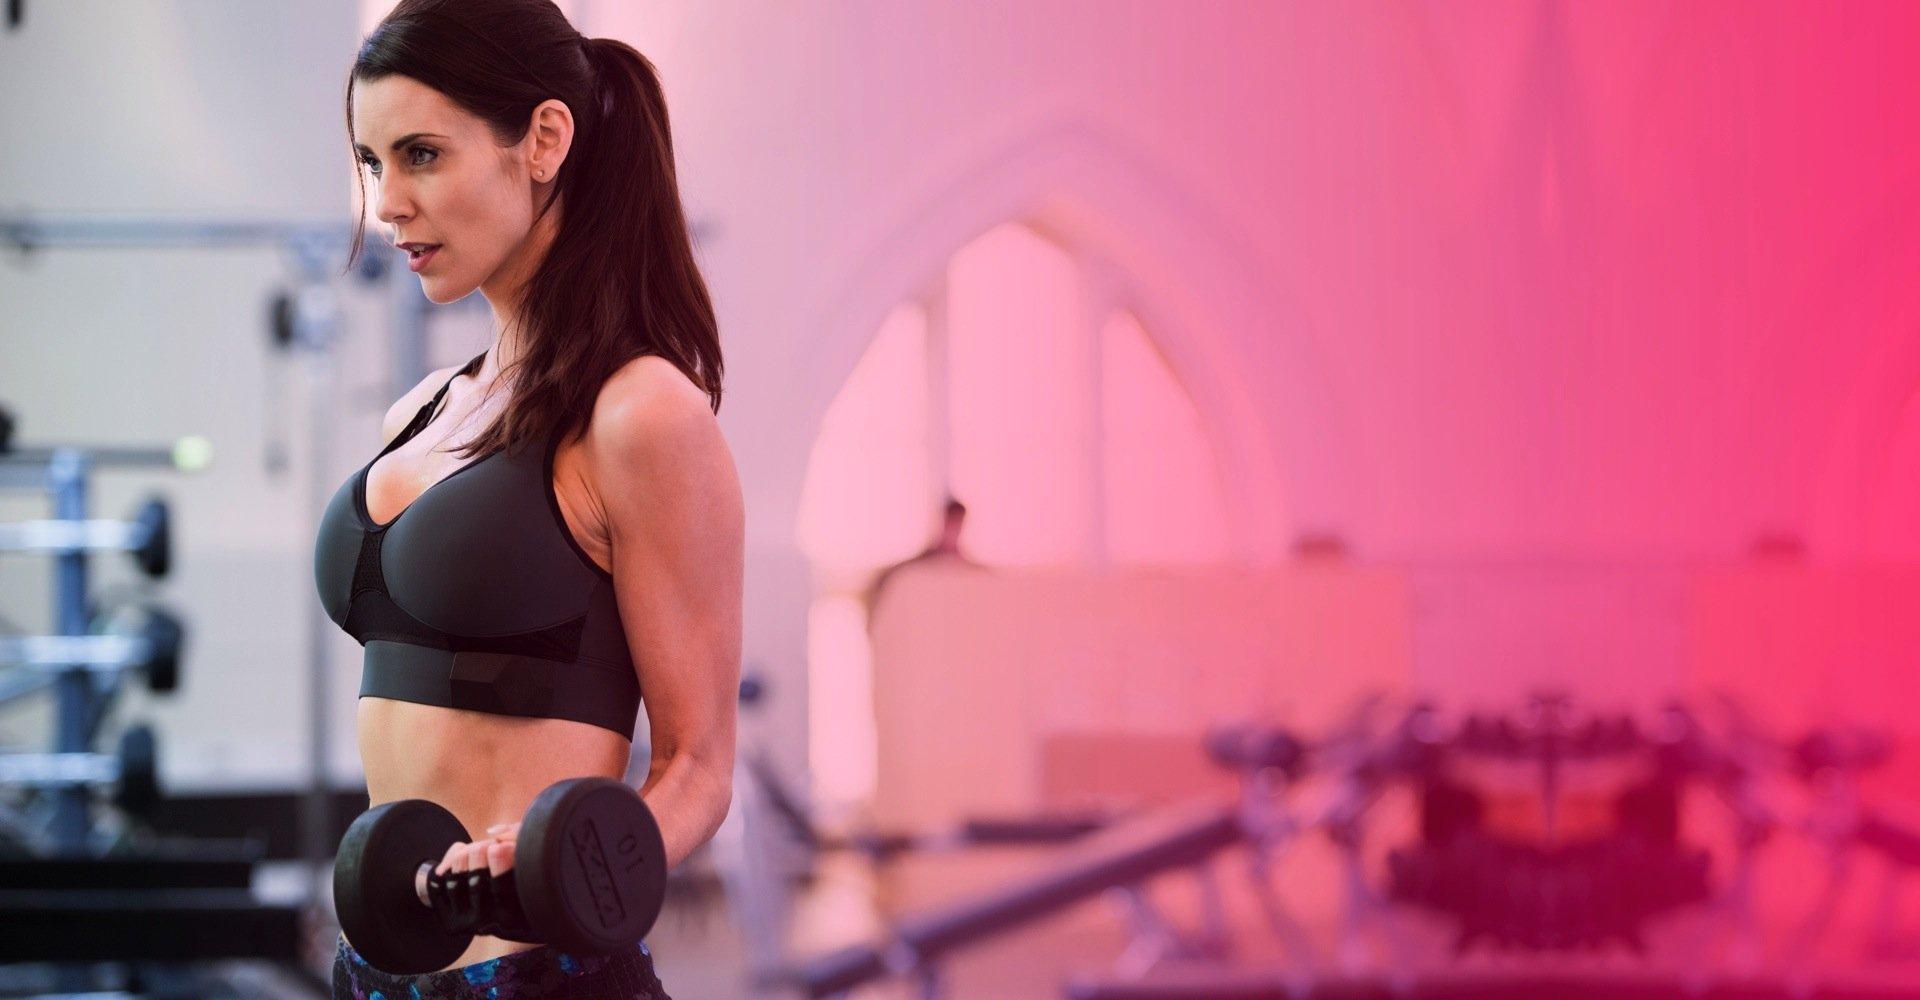 Der Sport-BH von OMsignal verfügt über zahlreiche, in denSaum eingenähte Sensoren. Sie messen beim Joggen die zurückgelegte Strecke, Atmung, Puls und Herzfrequenz, verbrannte Kalorien und den Müdigkeitsgrad des Körpers.